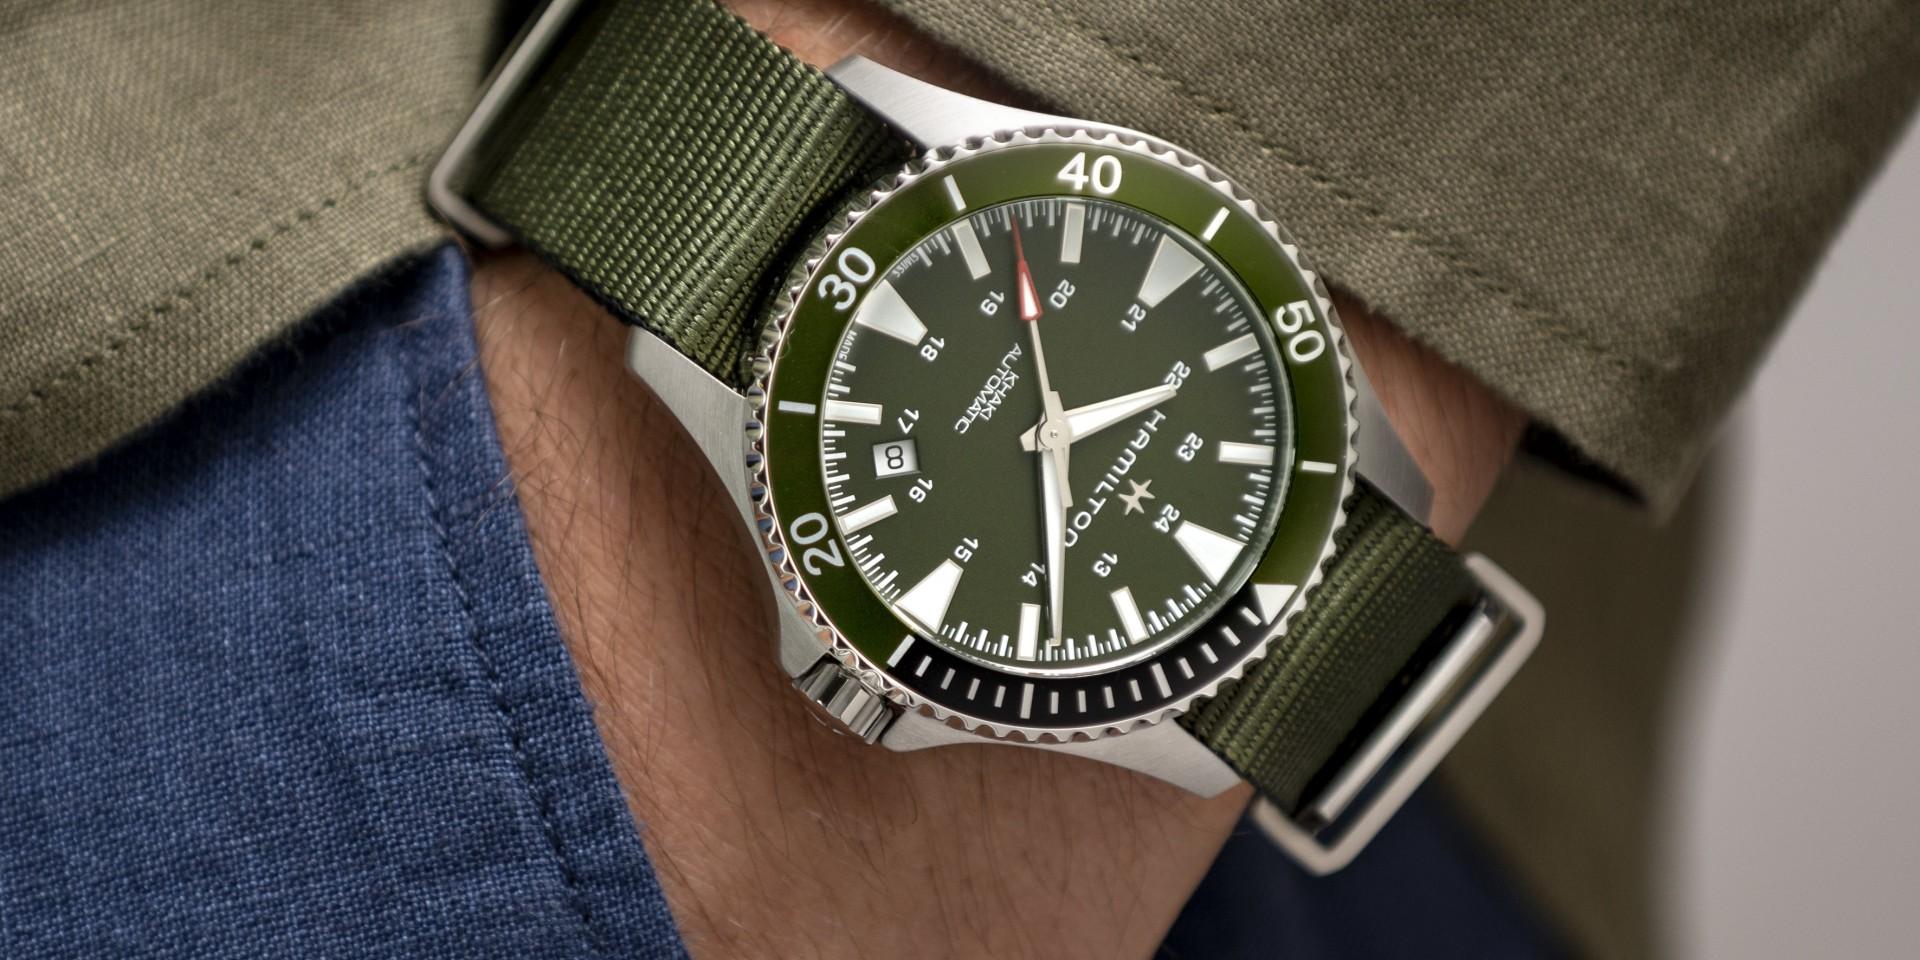 【2020線上錶展】剛毅海軍風型塑夏日旋律:Hamilton漢米爾頓全新Khaki Navy Scuba潛水腕錶